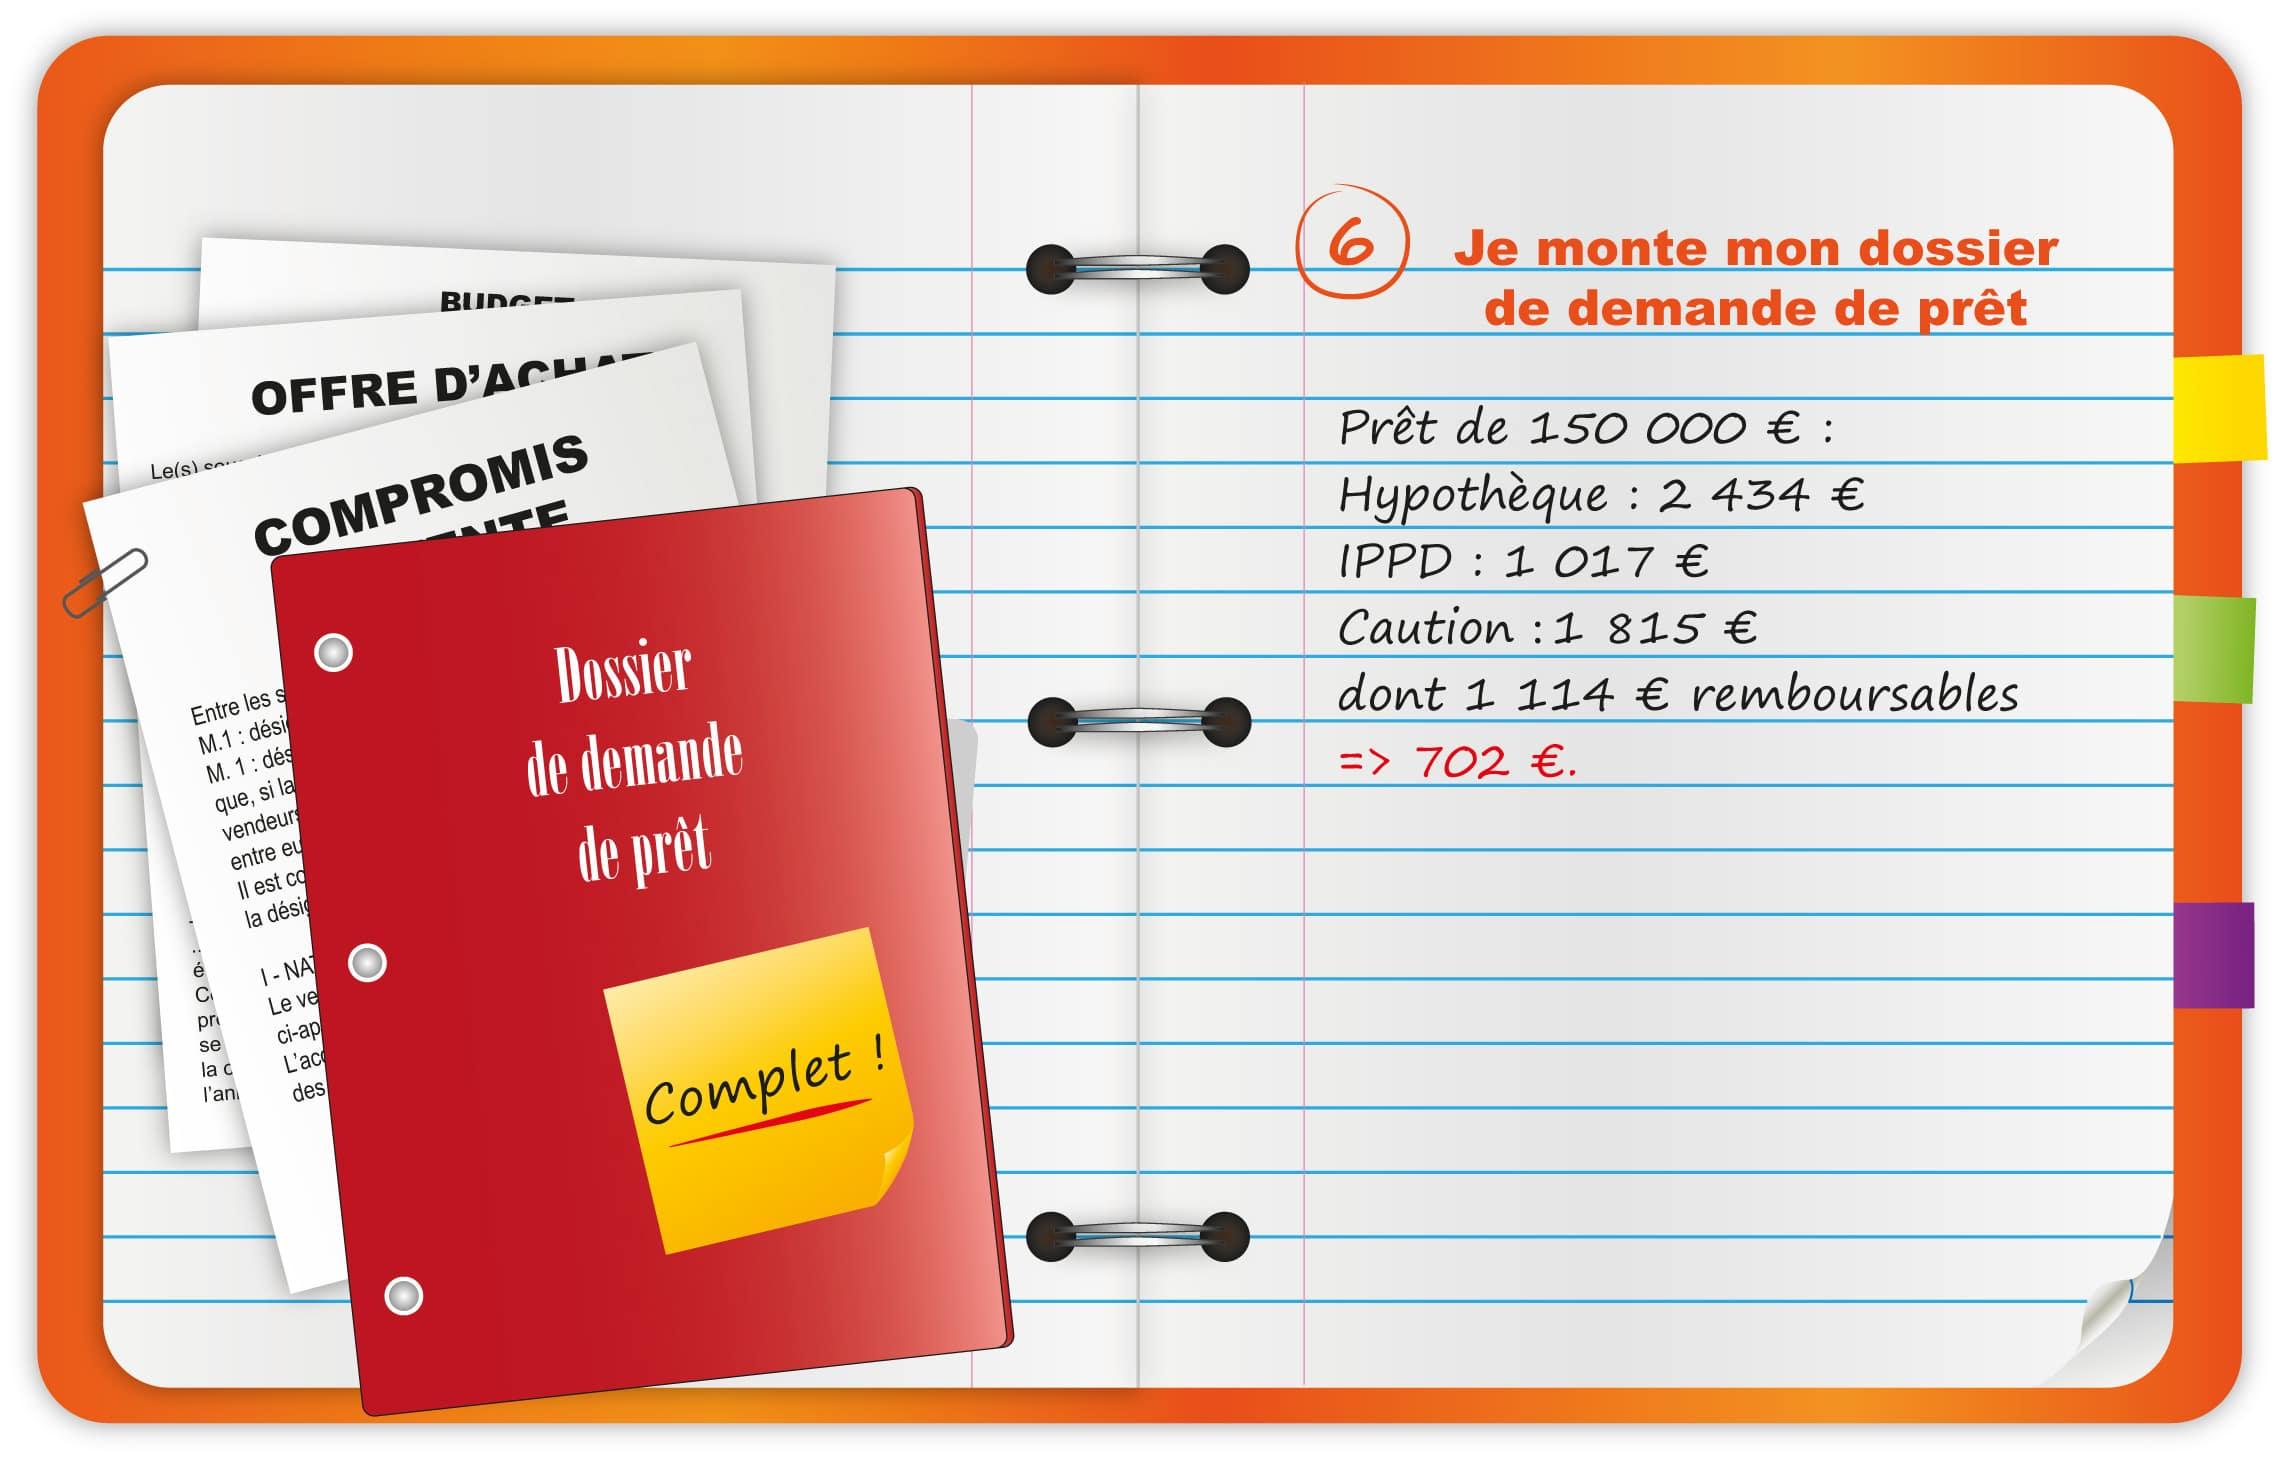 6 Je Monte Mon Dossier De Demande De Pret Meilleurtaux Com